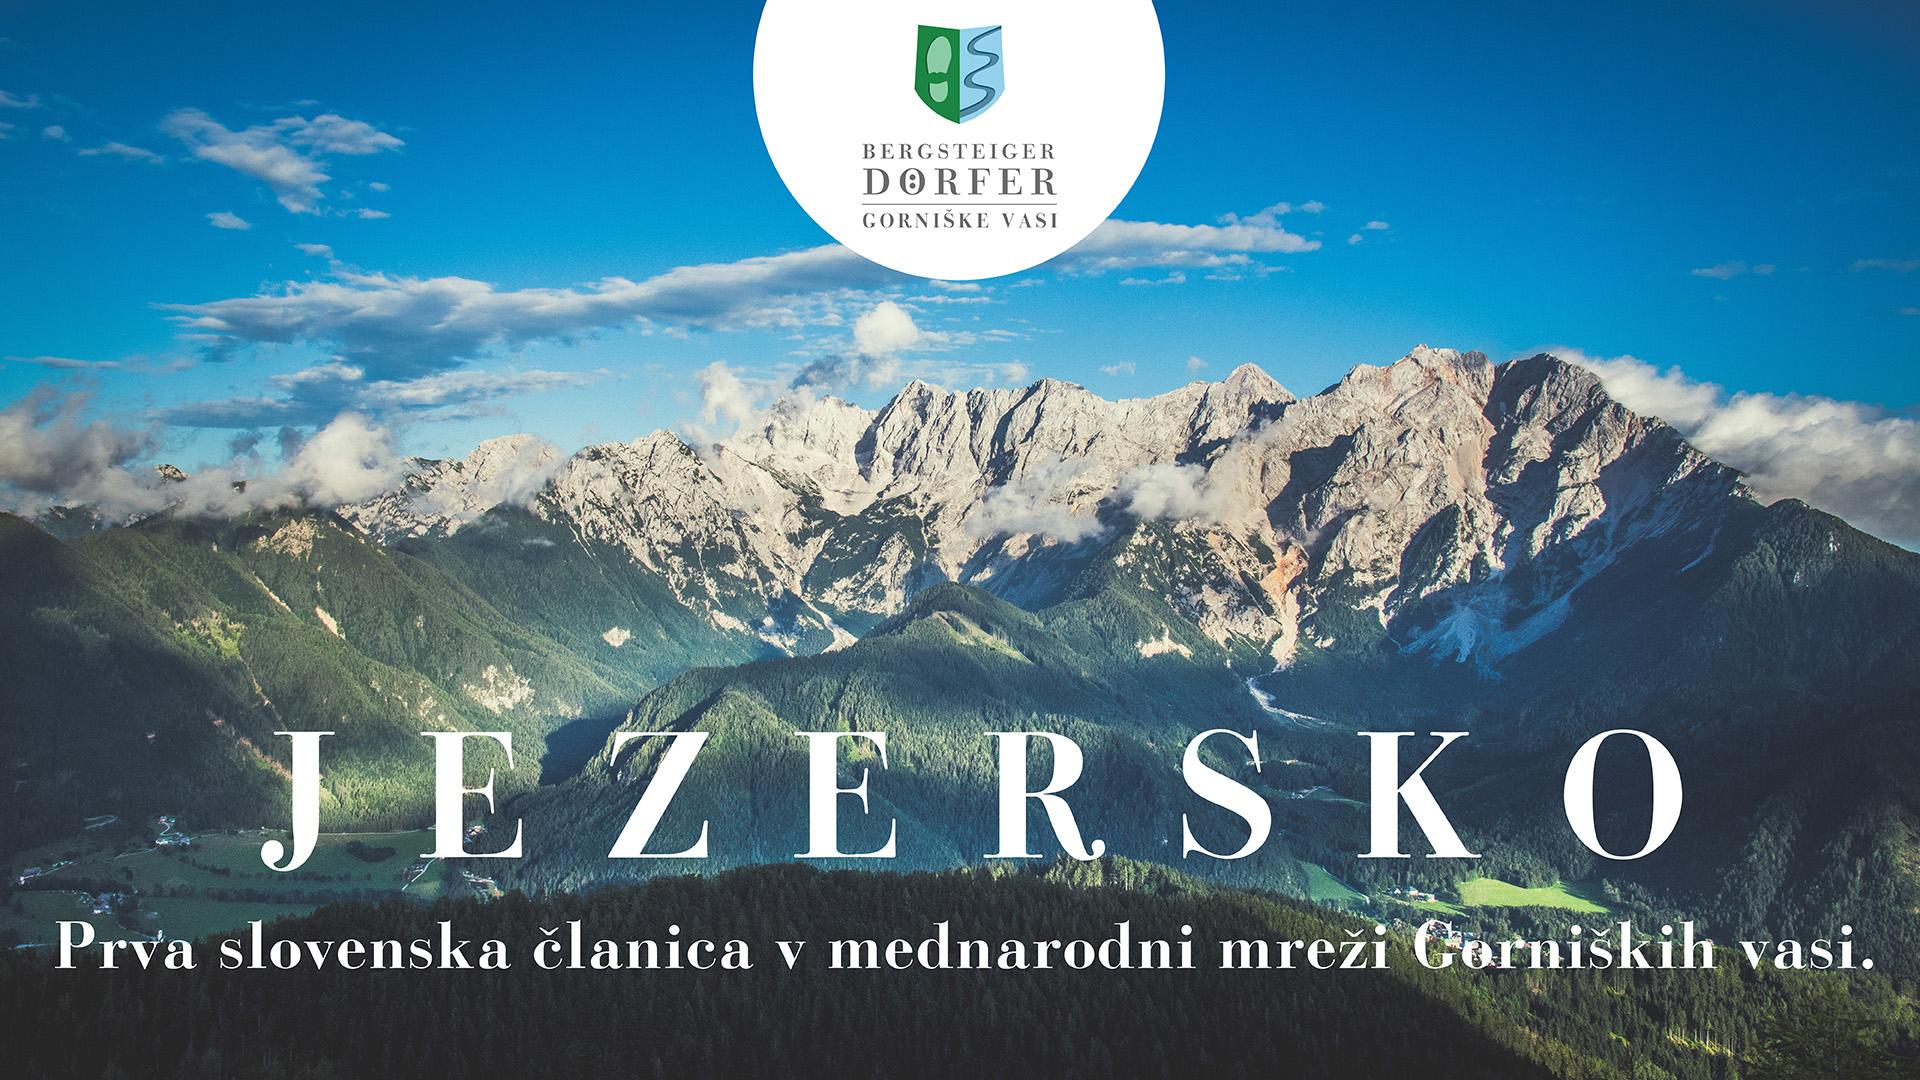 jezersko_gorniske_vasi_foto_primoz_senk